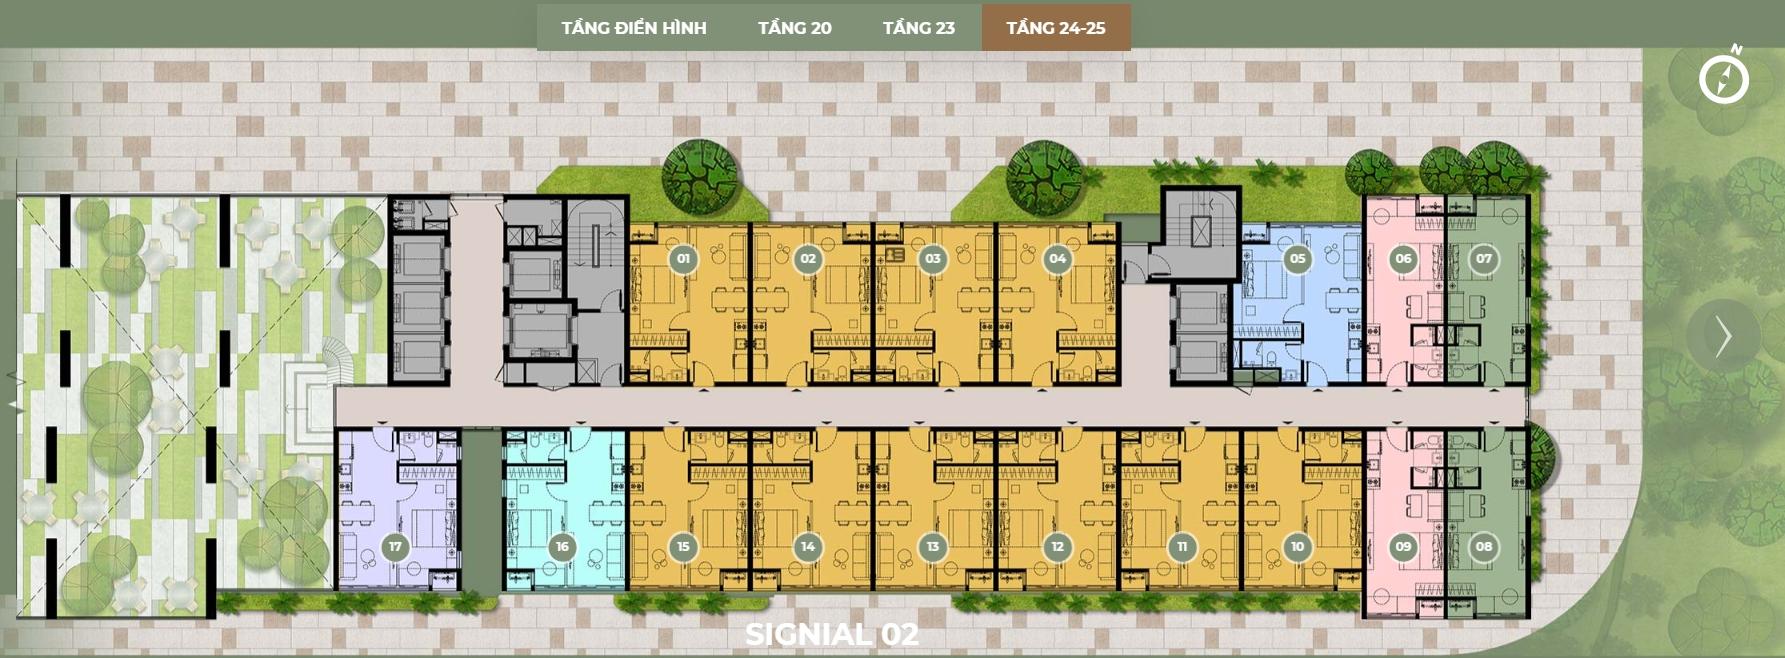 Mặt bằng thiết kế S2 tầng 24,25 dự án Smartel Signial quận 7.